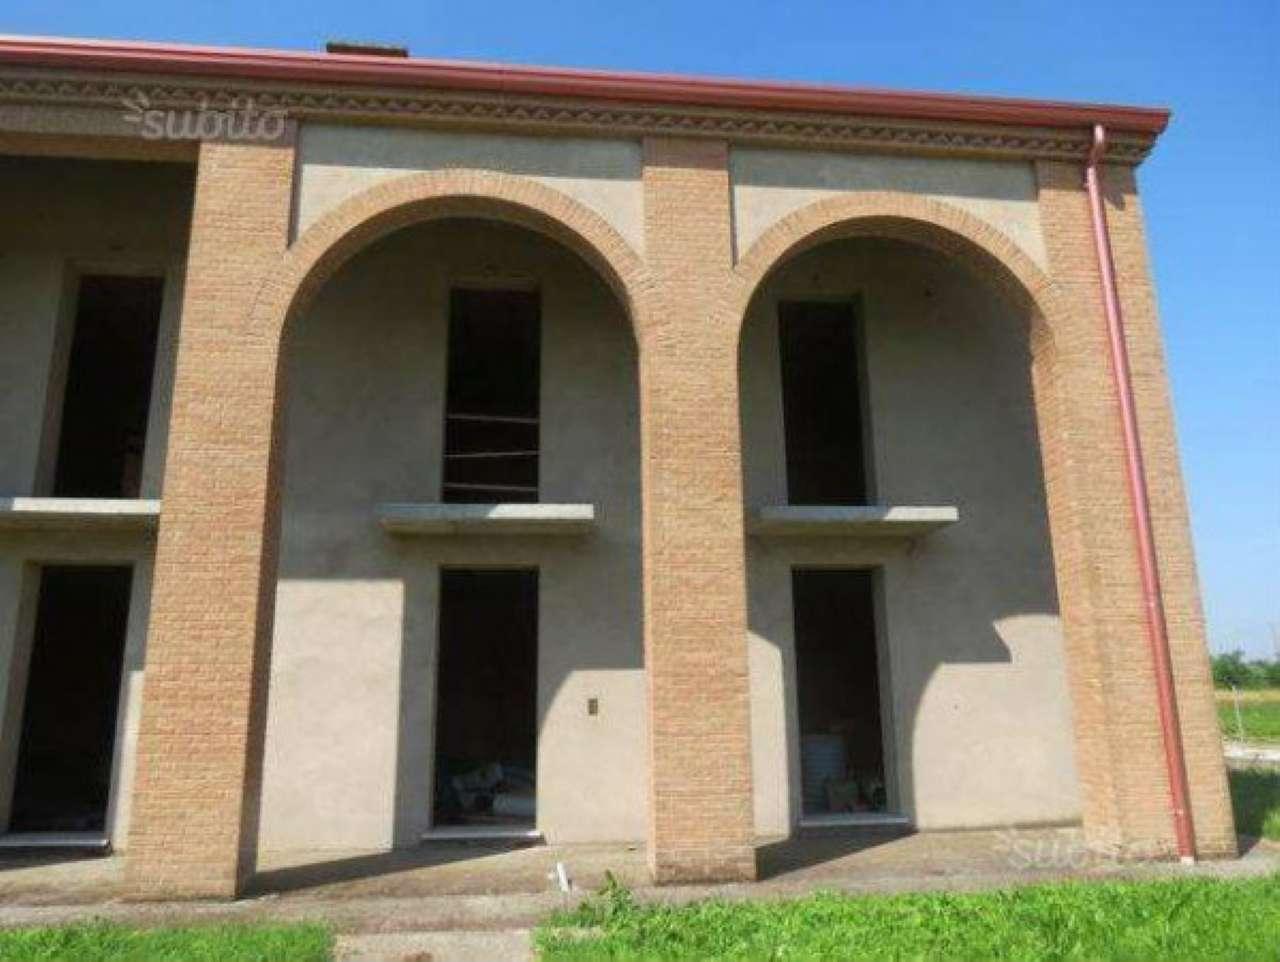 Soluzione Indipendente in vendita a Campolongo Maggiore, 7 locali, prezzo € 190.000 | Cambio Casa.it